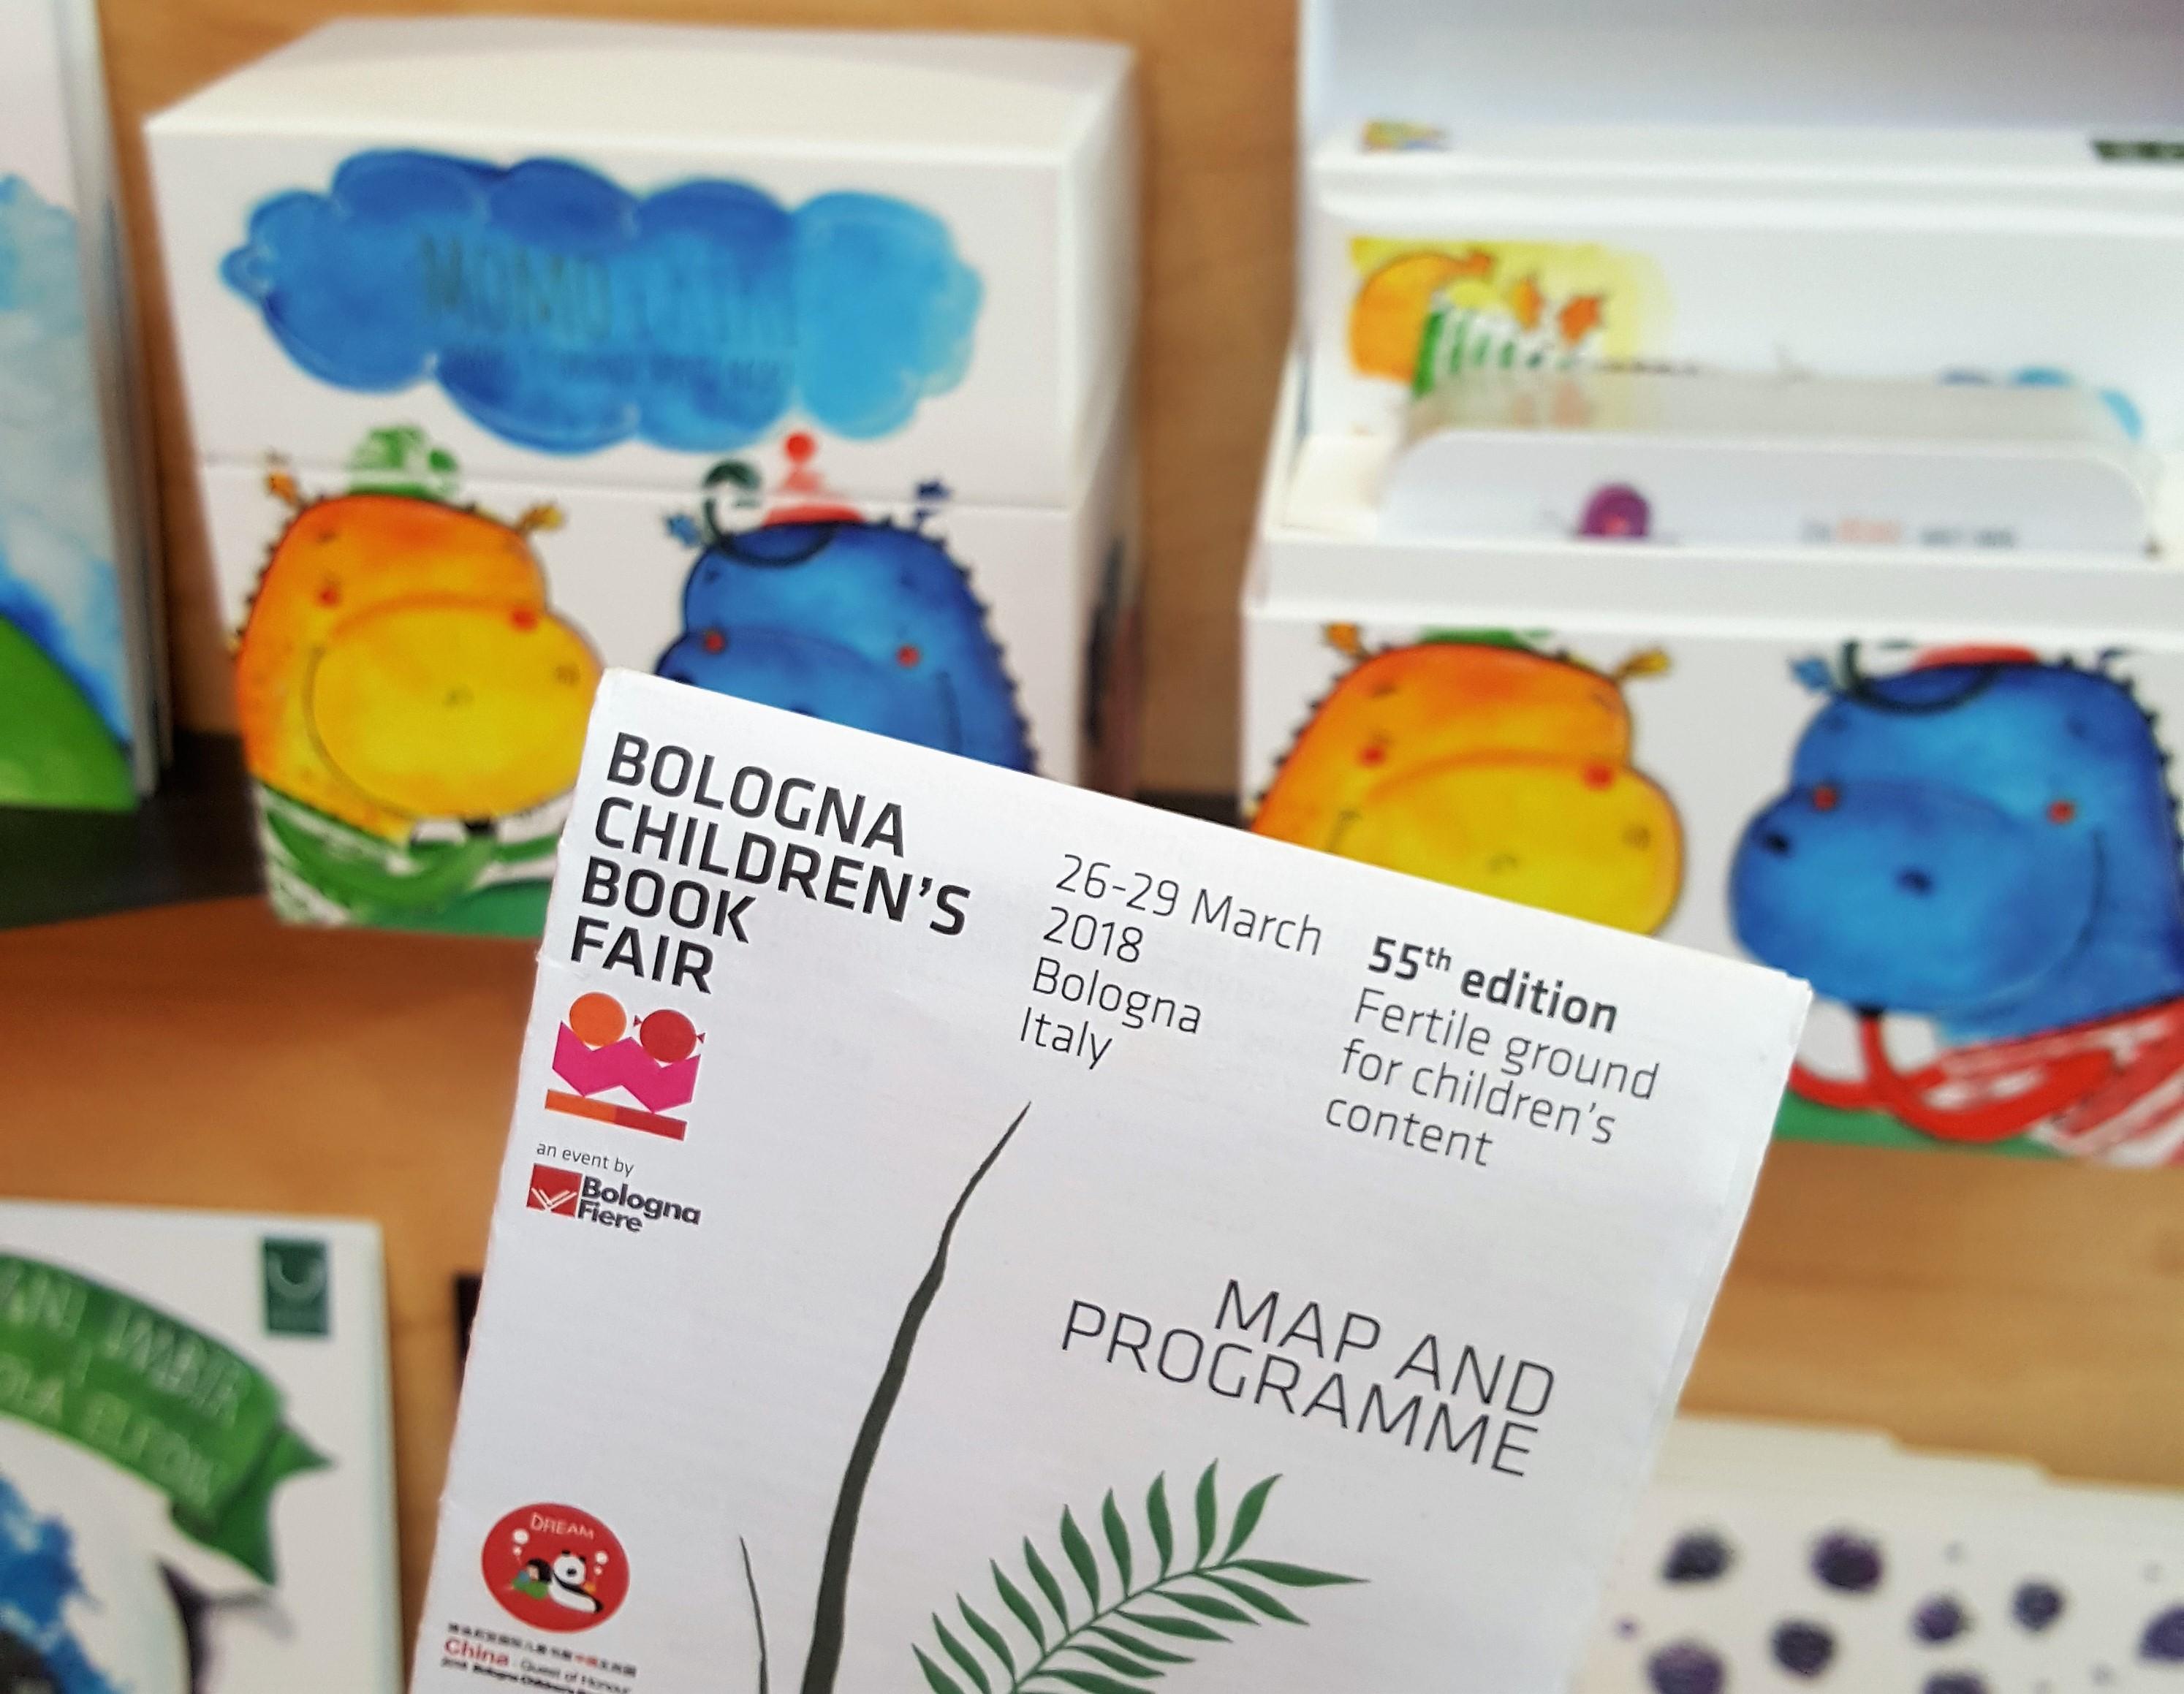 Targi książki dla dzieci w Bolonii